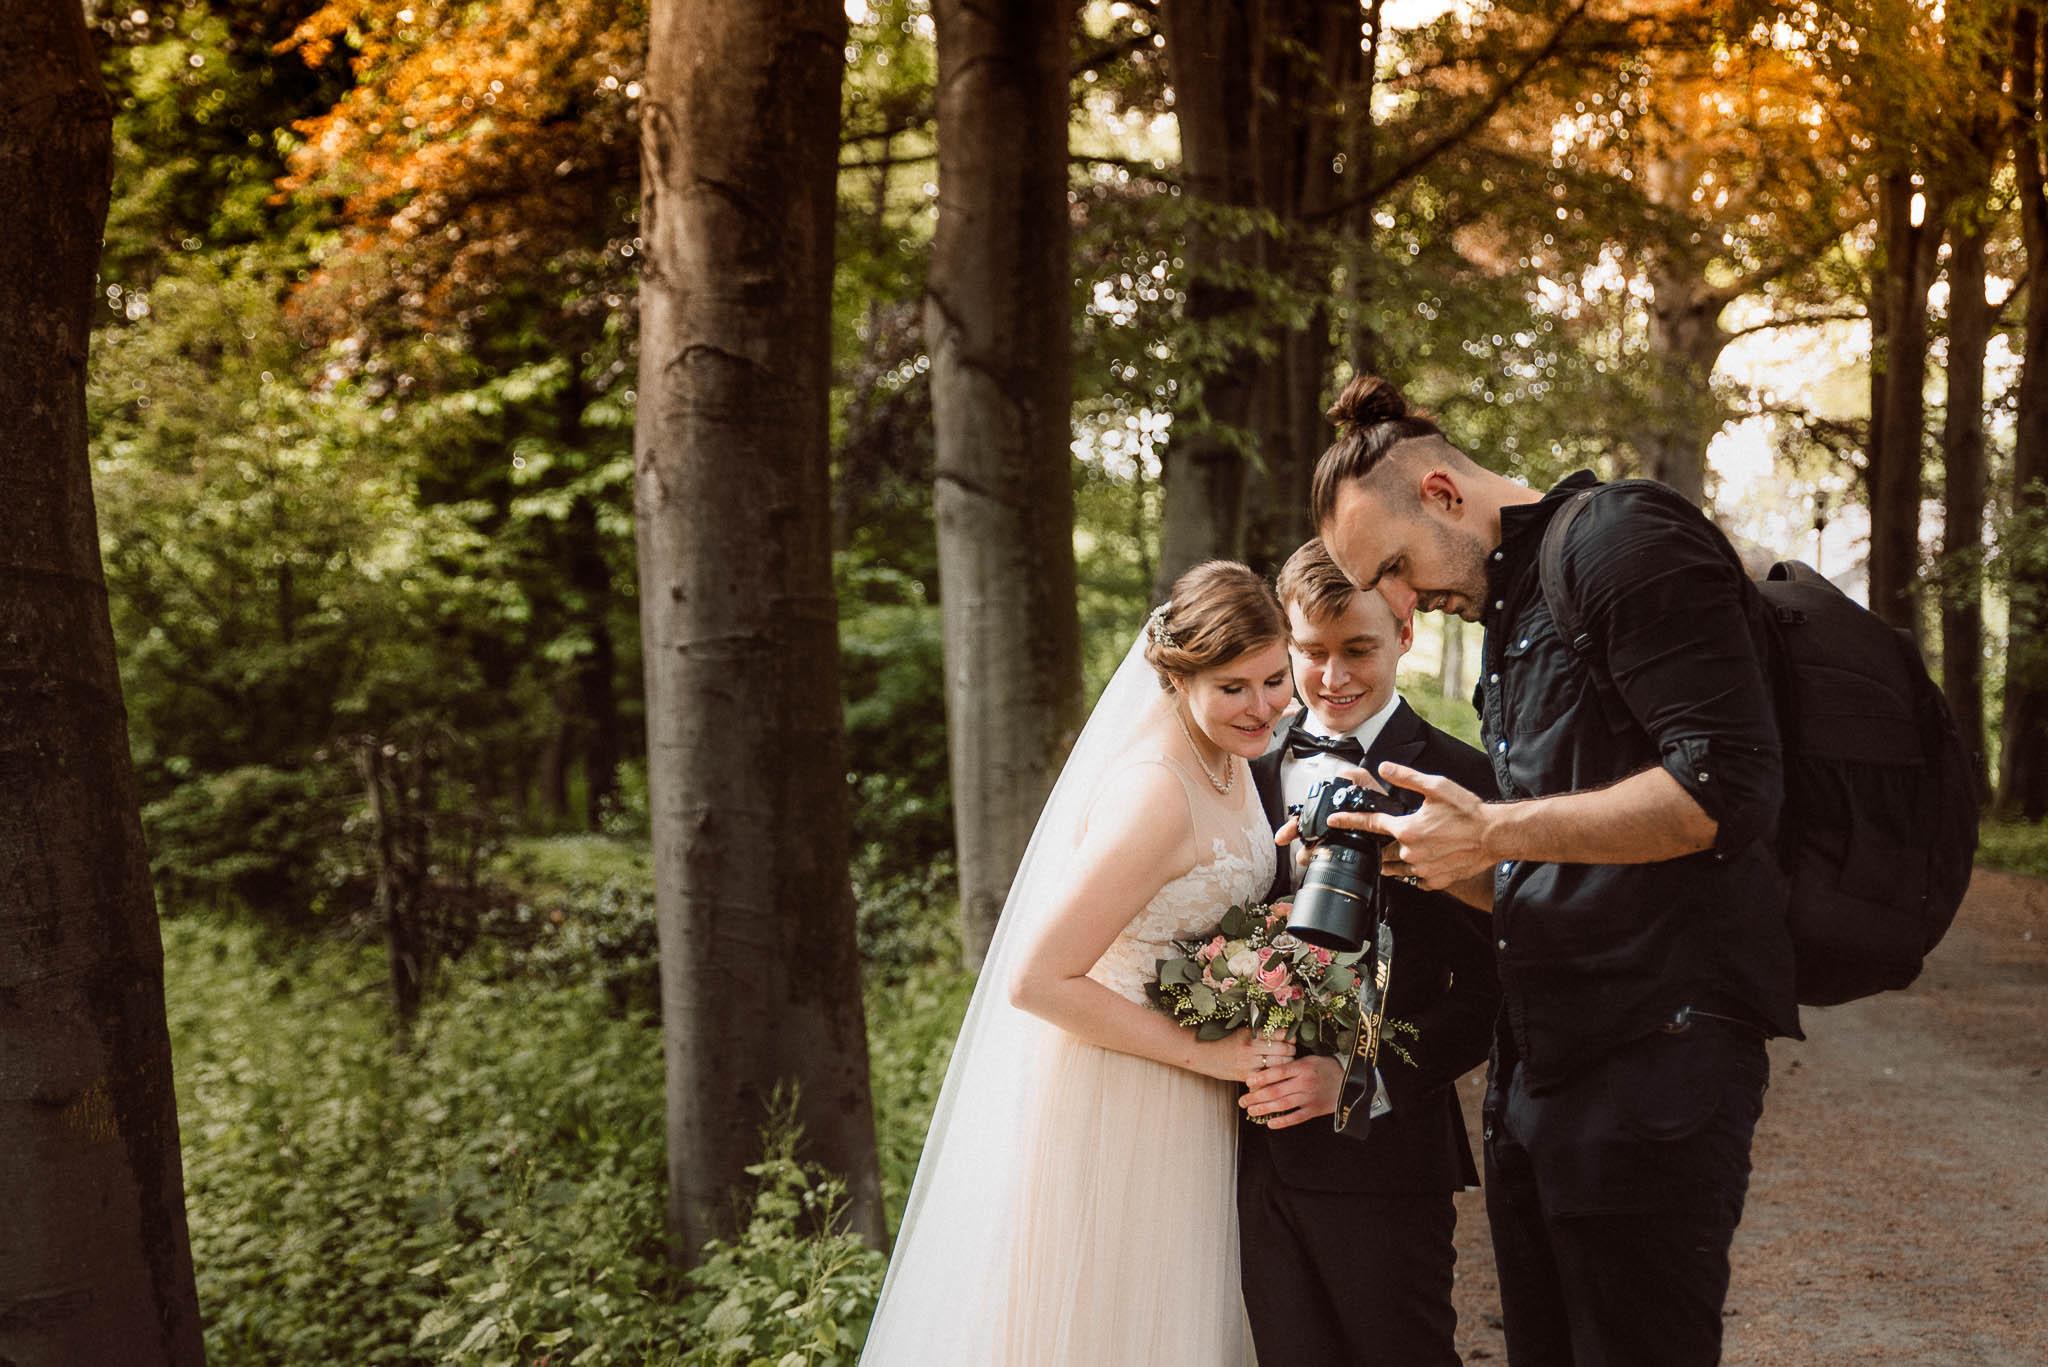 Hochzeitsfotograf Jan Breitmeier aus Duesseldorf